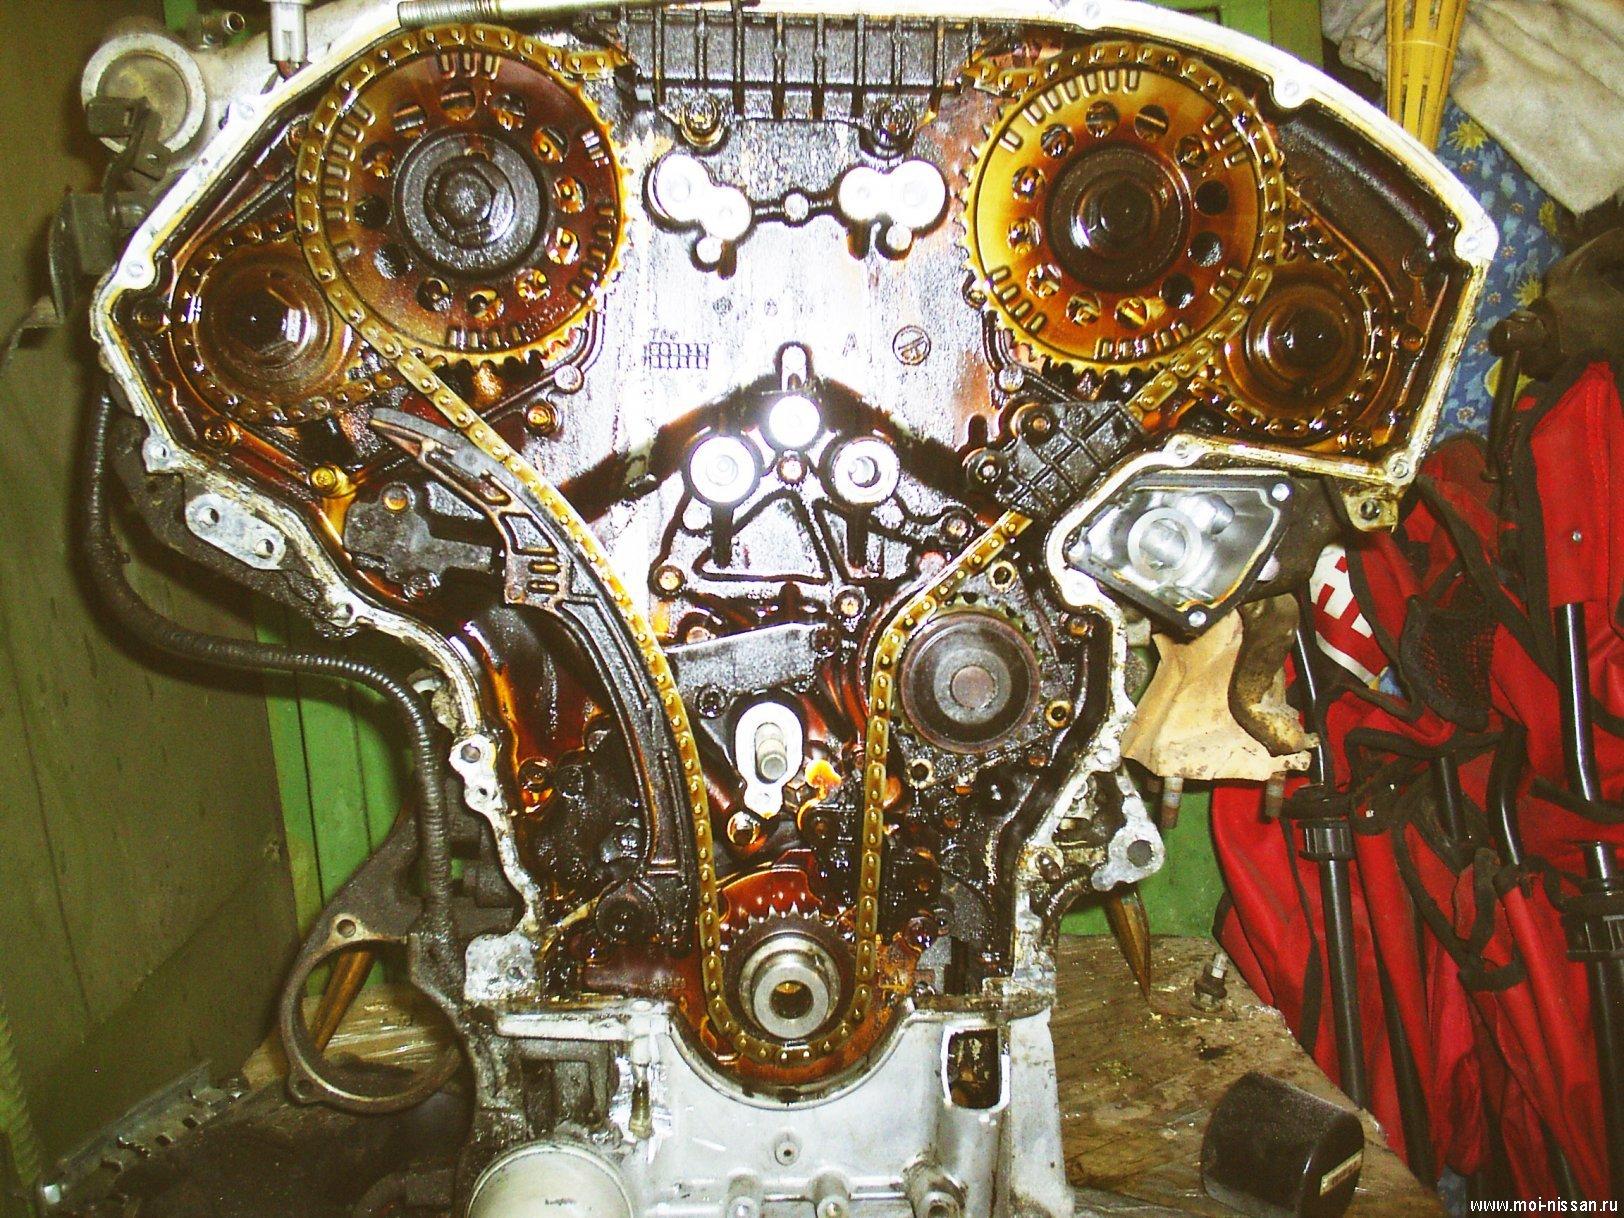 номер двигателя тойота калдина